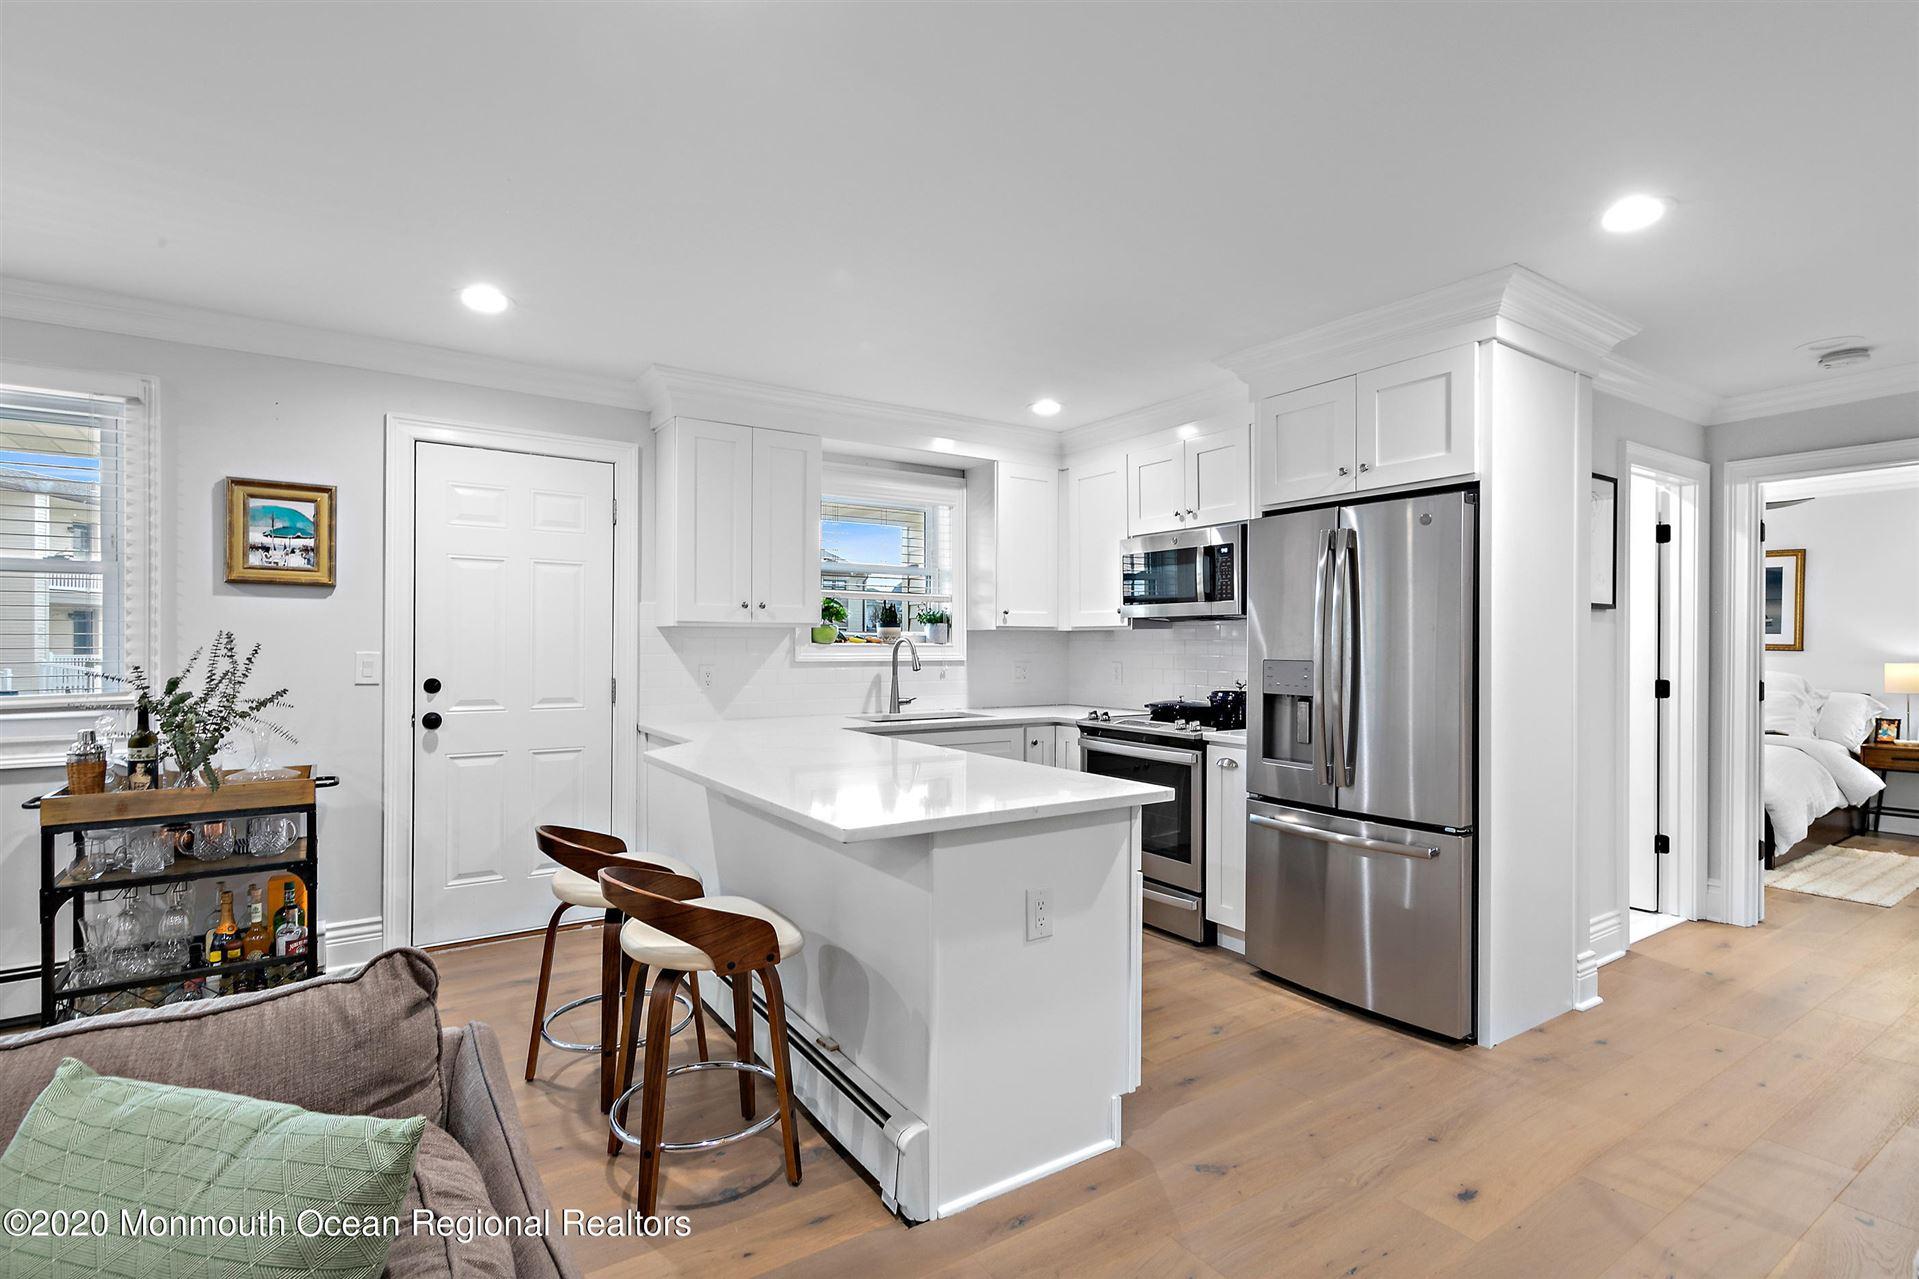 83 Wharfside Drive #83, Monmouth Beach, NJ 07750 - MLS#: 22100176